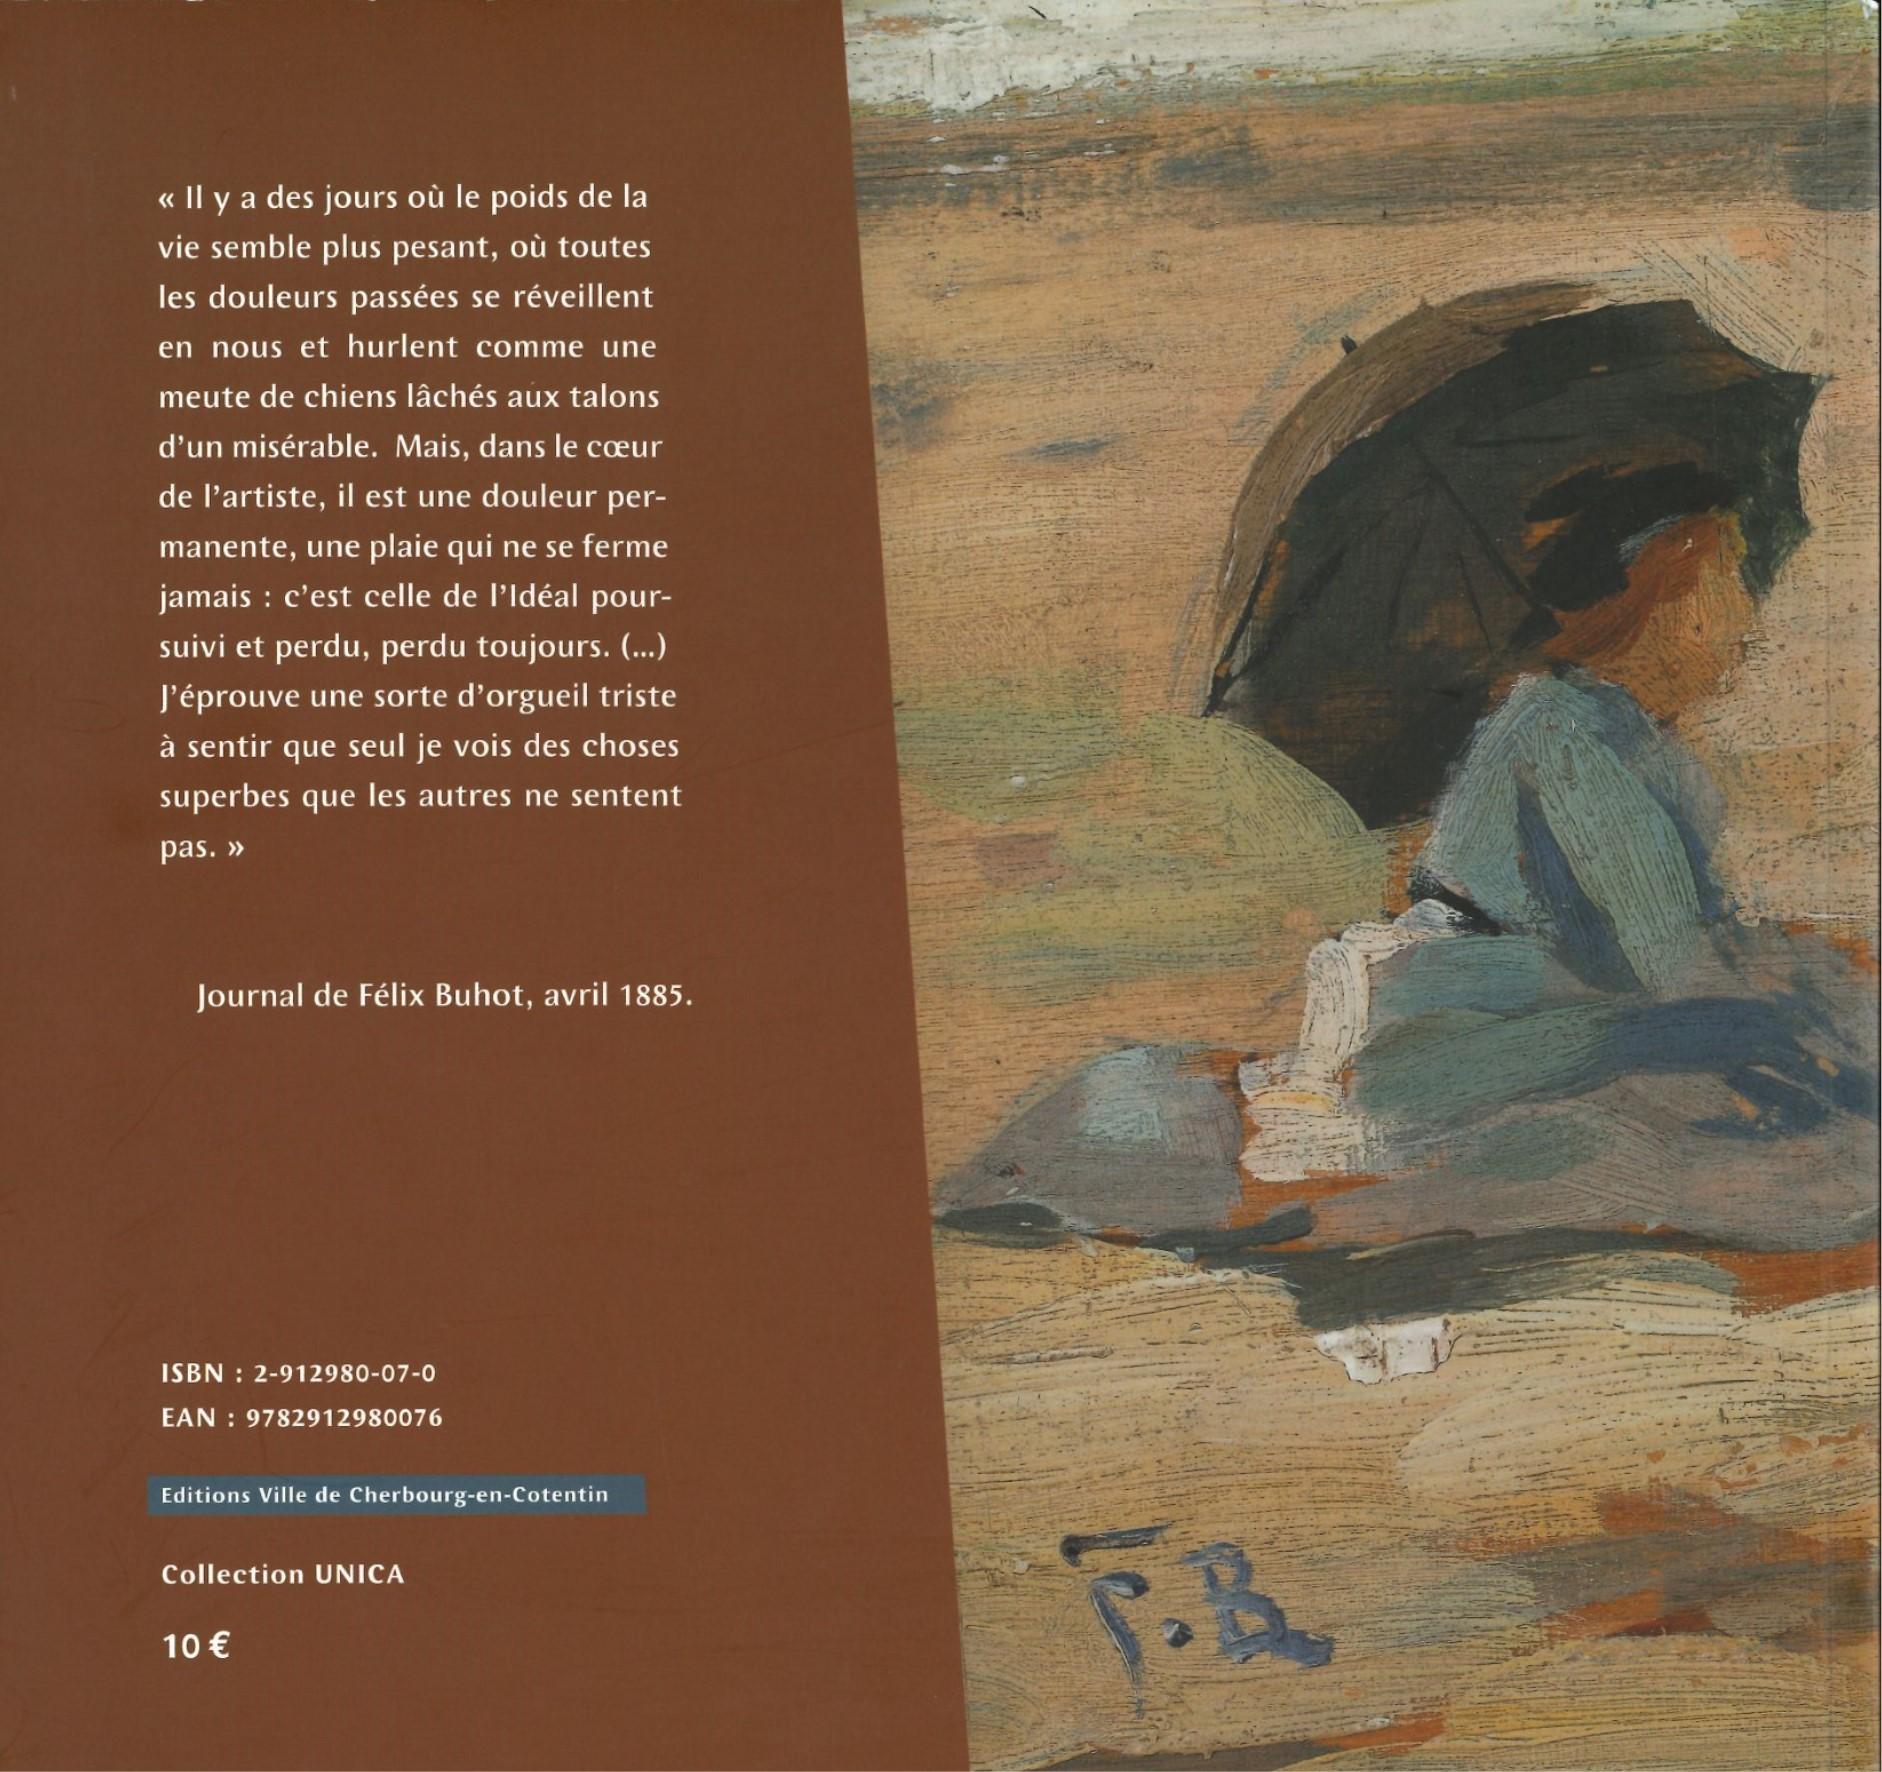 Catalogue de l'exposition du musée Thomas Henry de Cherbourg-en-Cotentin